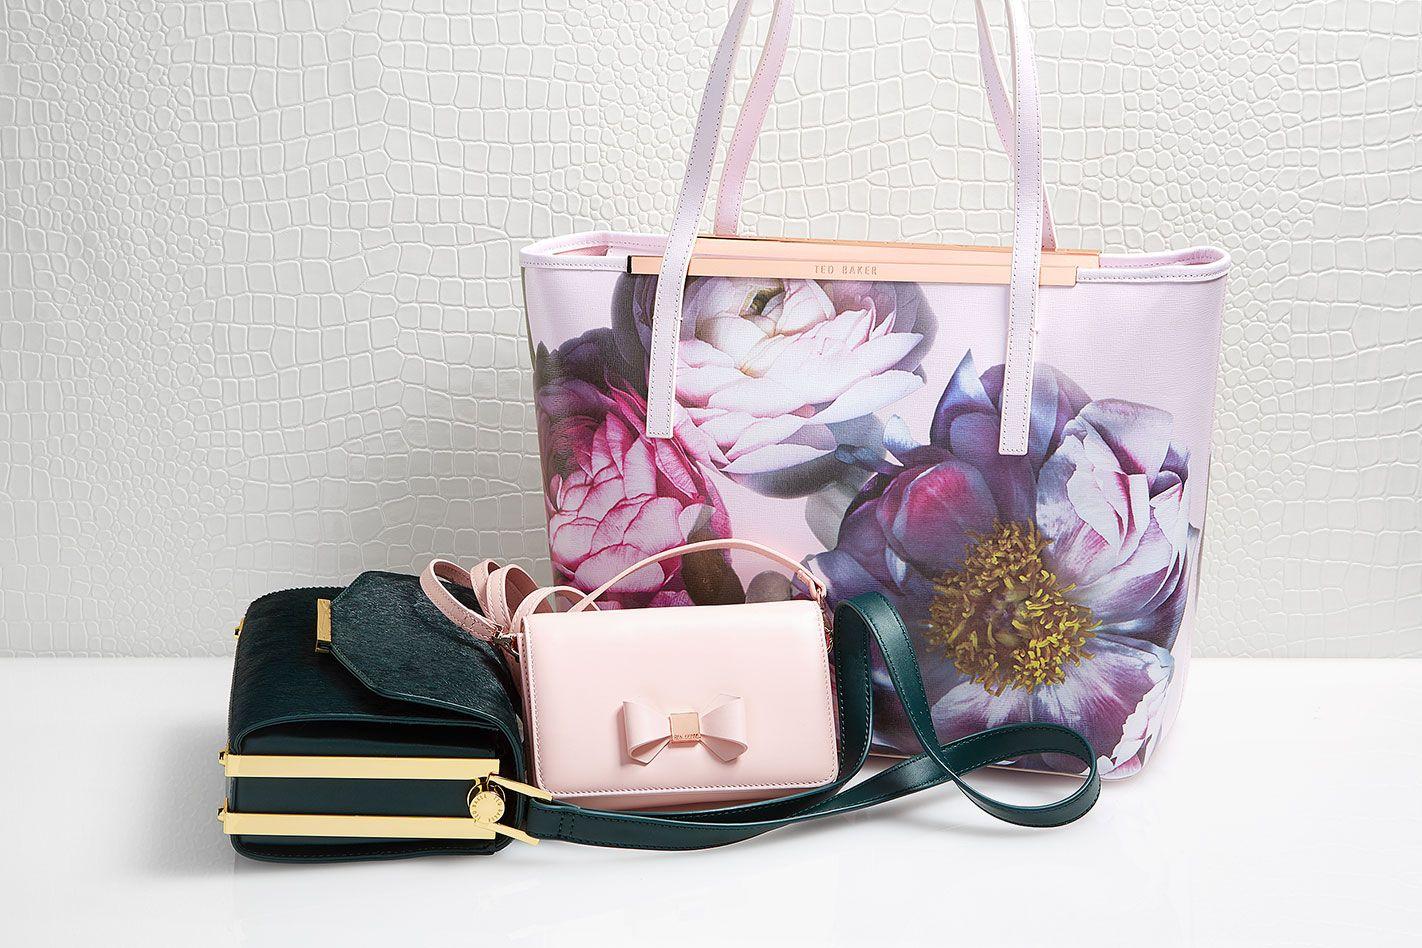 TED BAKER LONDON Handbags on Nordstrom Rack